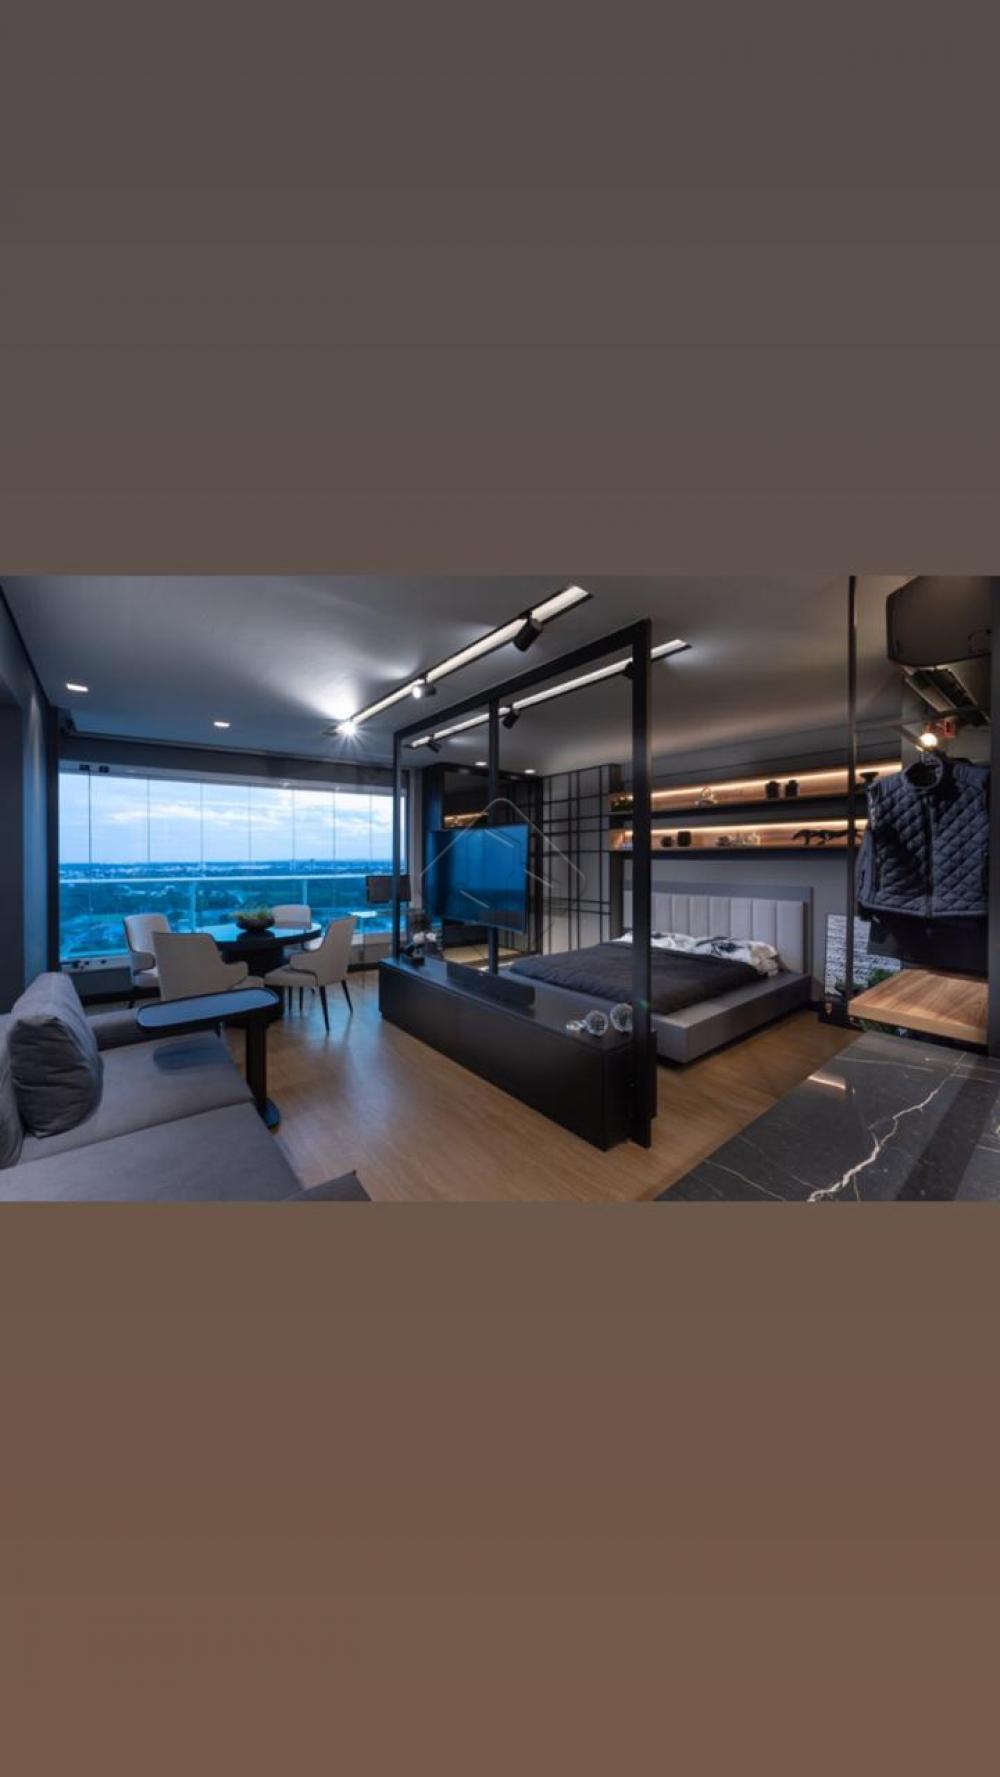 Excelente oportunidade!  Imóvel estilo Loft, 46m², todo mobiliado e equipado em alto padrão!  Pronto para morar com todo requinte, em um dos melhores edifícios do Altiplano Nobre  Características do imóvel:  *  Móveis projetados da loja MAREL; *  Cortina de Vidros até o piso em toda a área; *  Cortinas elétricas; * Acústica em todo o apartamento; * Luz direta e indireta, com vários tipos de ambientes possíveis; * Ar Condicionado de 30 mil BTUs; * Fogão de indução de 04 bocas; * Máquina de lavar roupa; * Bancada em porcelanato Porto Belo * Guarda roupa com 02 espelhos do teto ao chão;  AGENDE AGORA SUA VISITA TEIXEIRA DE CARVALHO IMOBILIÁRIA CRECI 304J - (83) 2106-4545